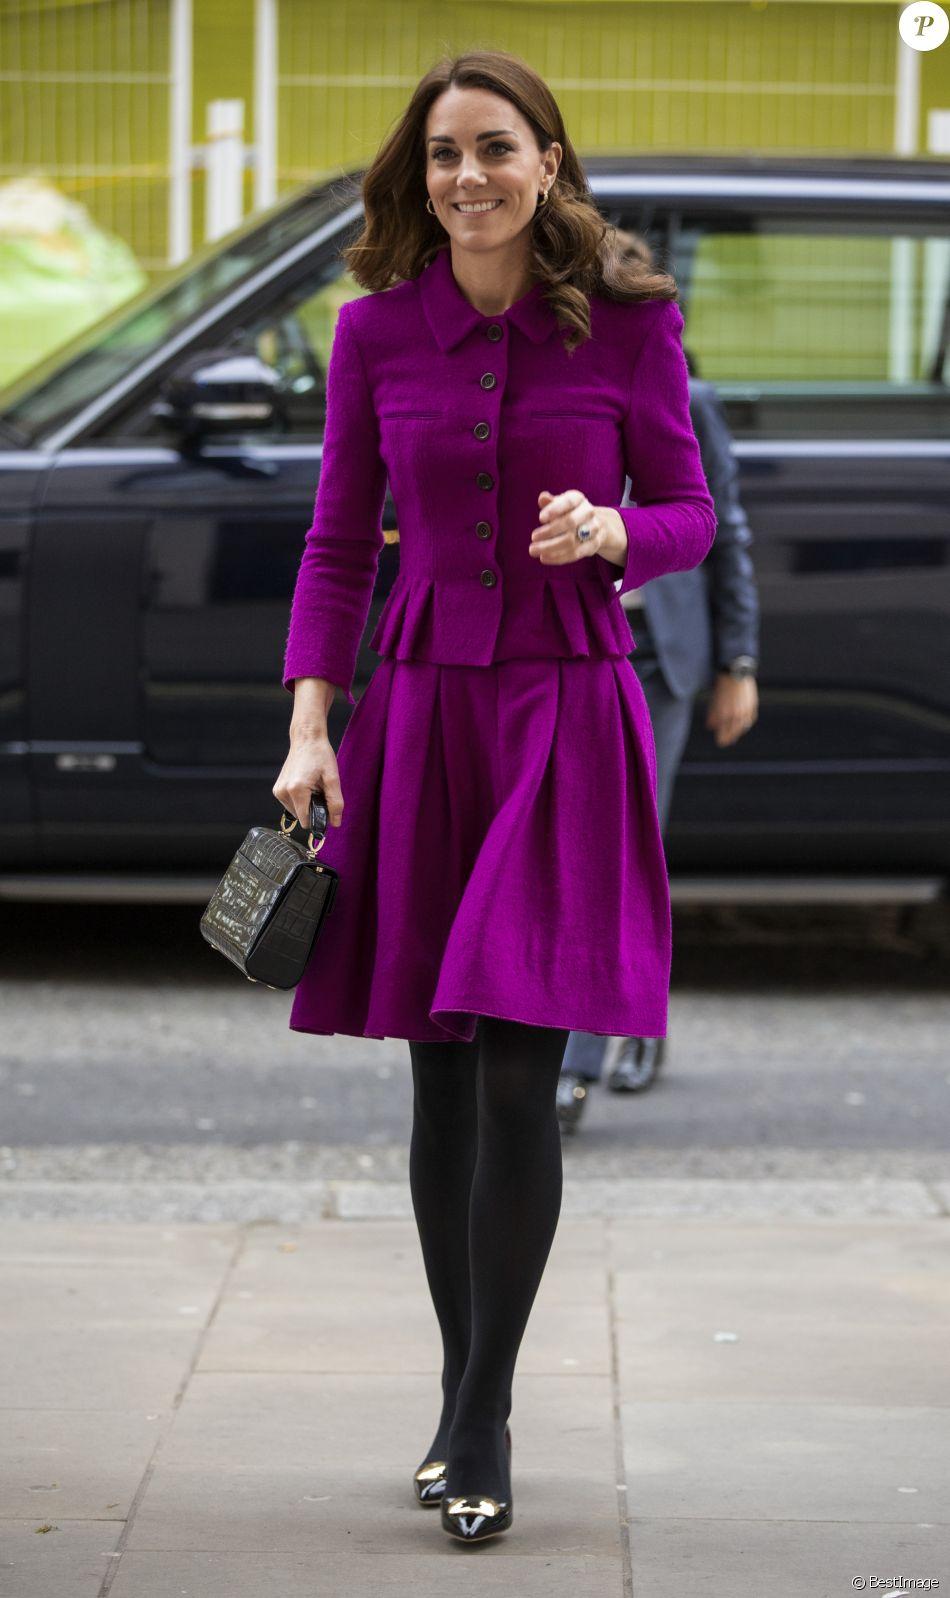 Kate Catherine Middleton, duchesse de Cambridge, arrive à la Royal Opera House à Londres, pour visiter le département costumes, le 16 janvier 2019.